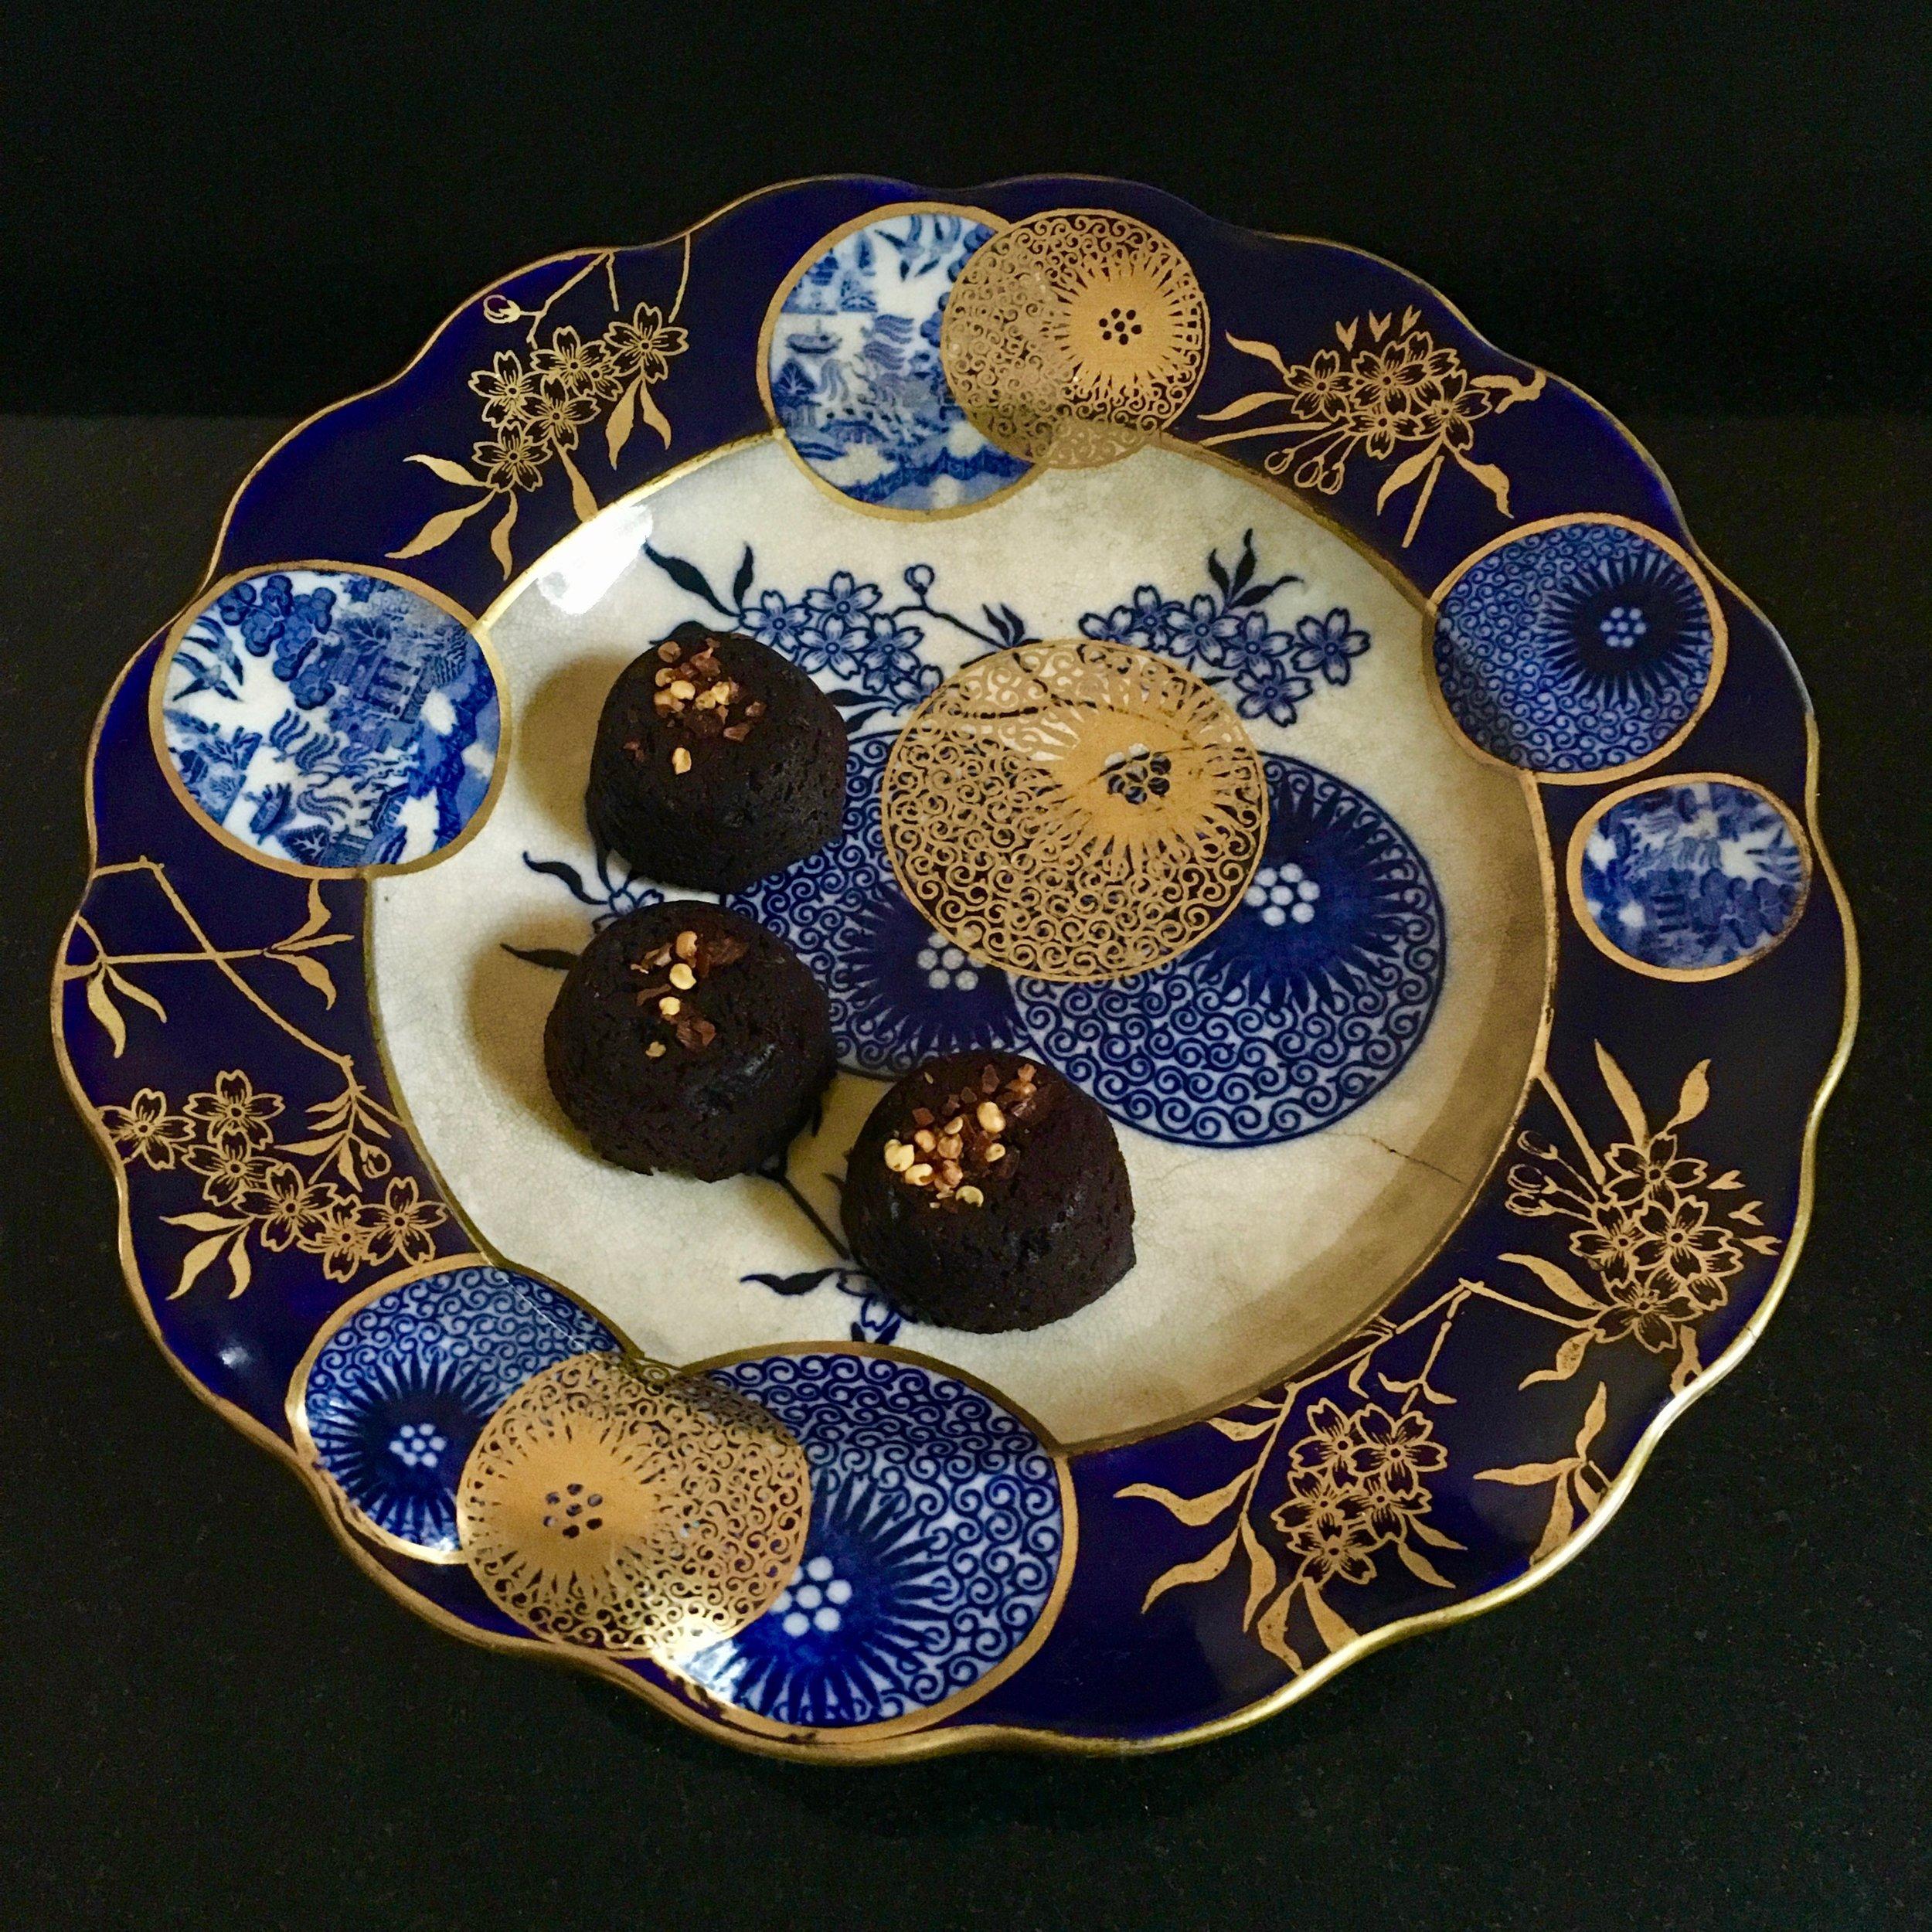 Chilli Chocolate Baby-Cakes